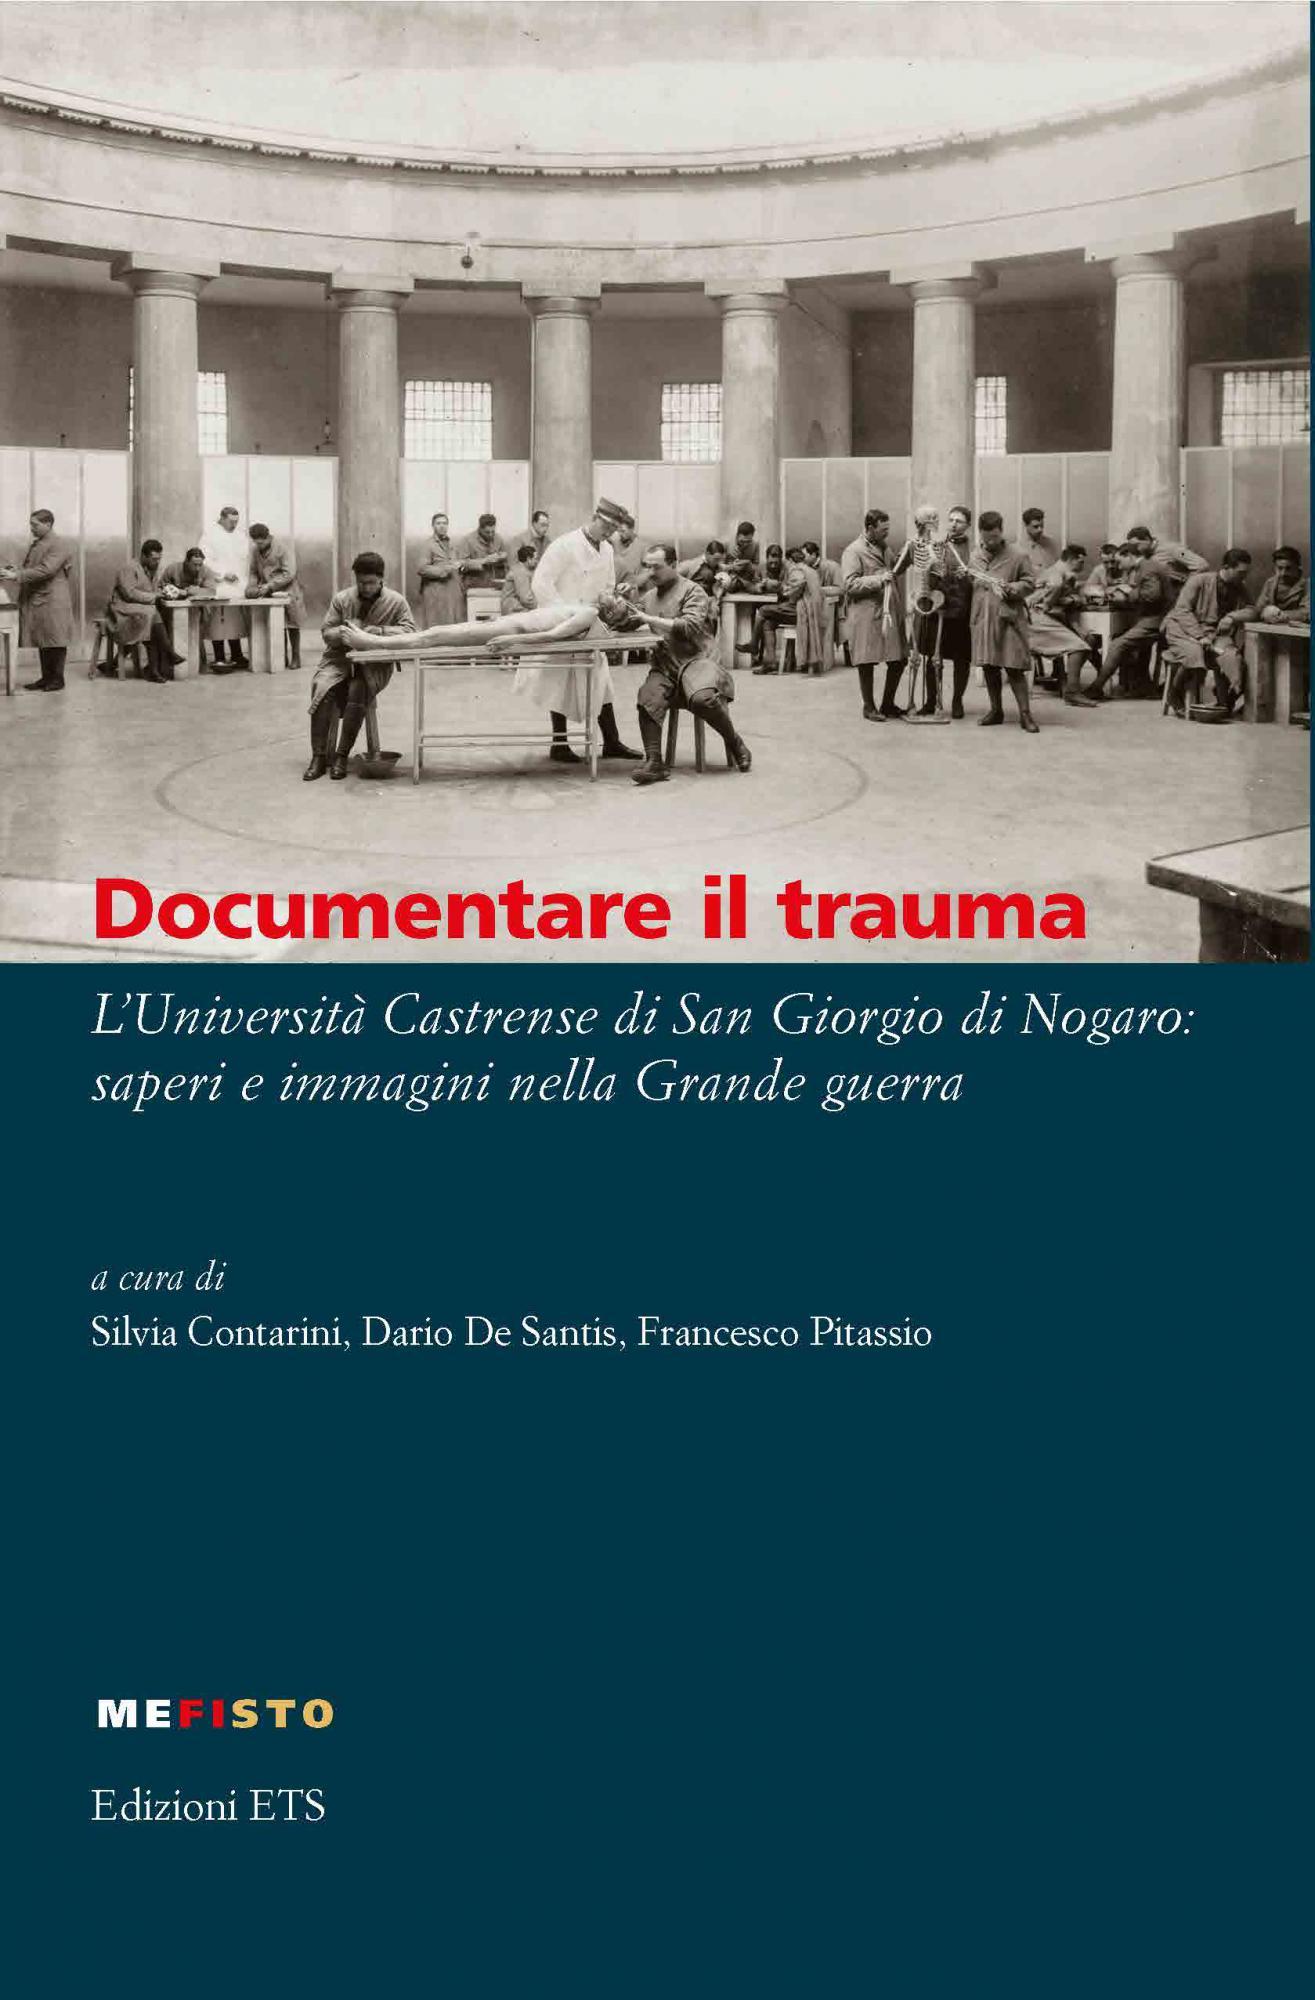 Documentare il trauma.L'Università Castrense di San Giorgio di Nogaro: saperi e immagini nella Grande guerra